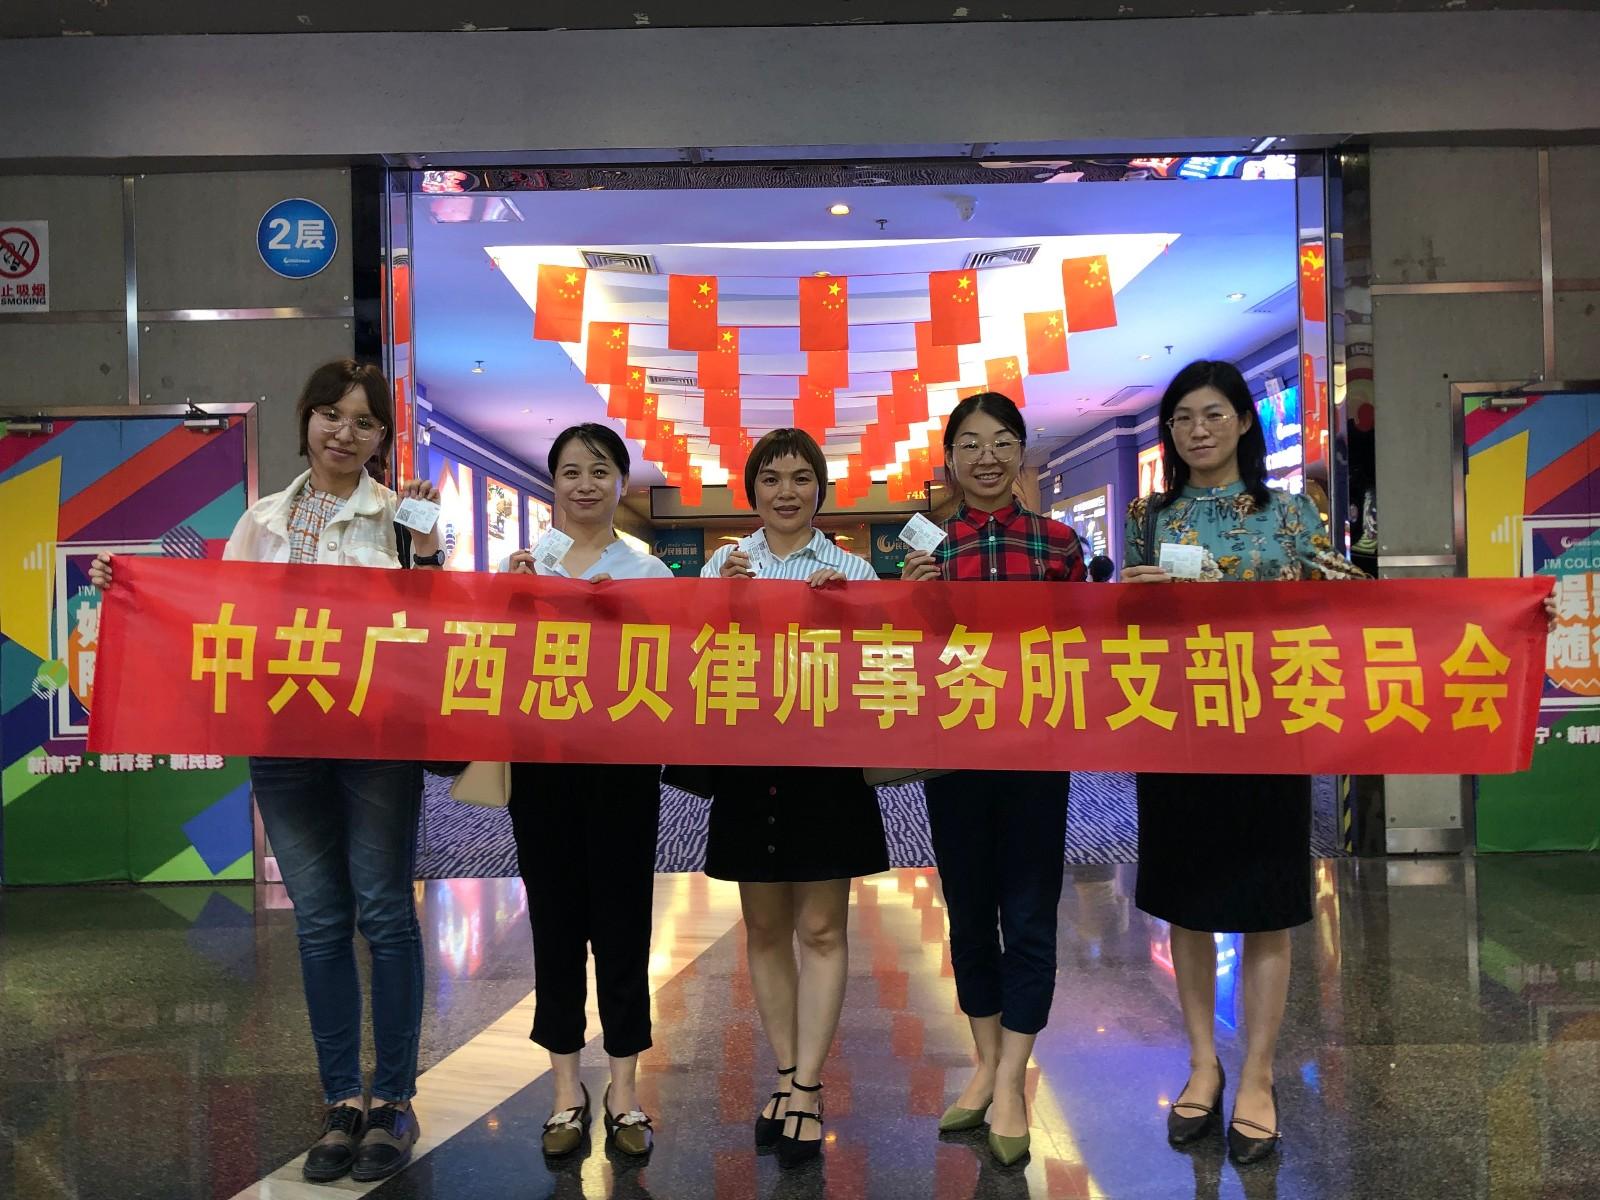 中共思贝支部组织观看《秀美人生》电影 02压缩.jpg